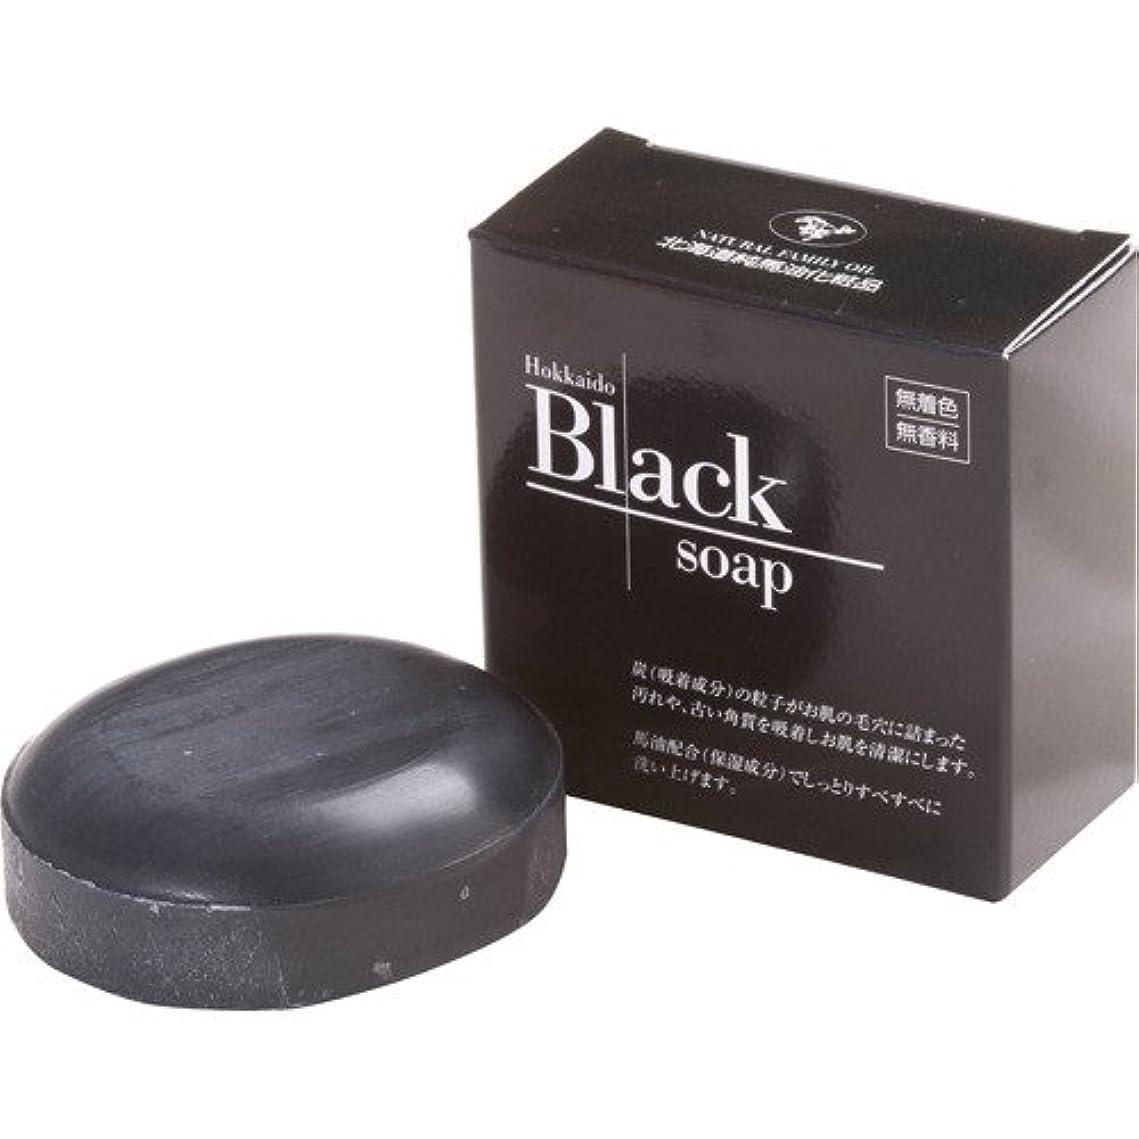 北海道黒石けん 100g